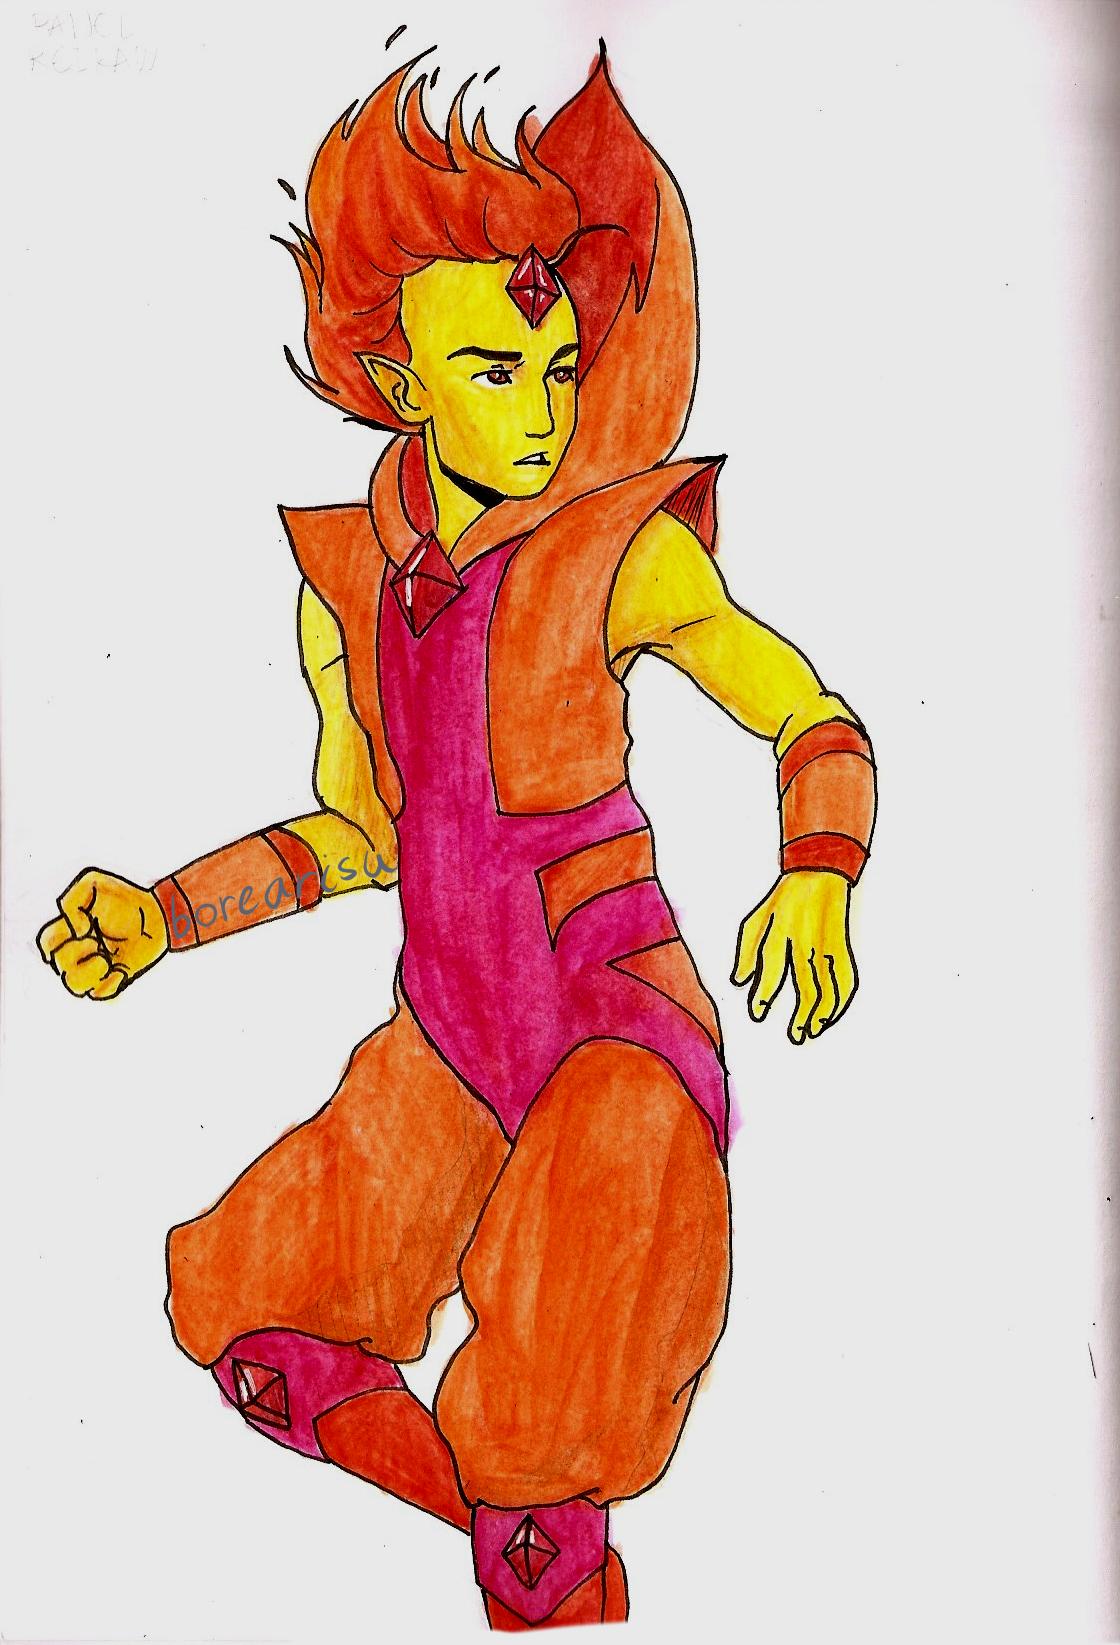 AT - Flame Prince by borearisu